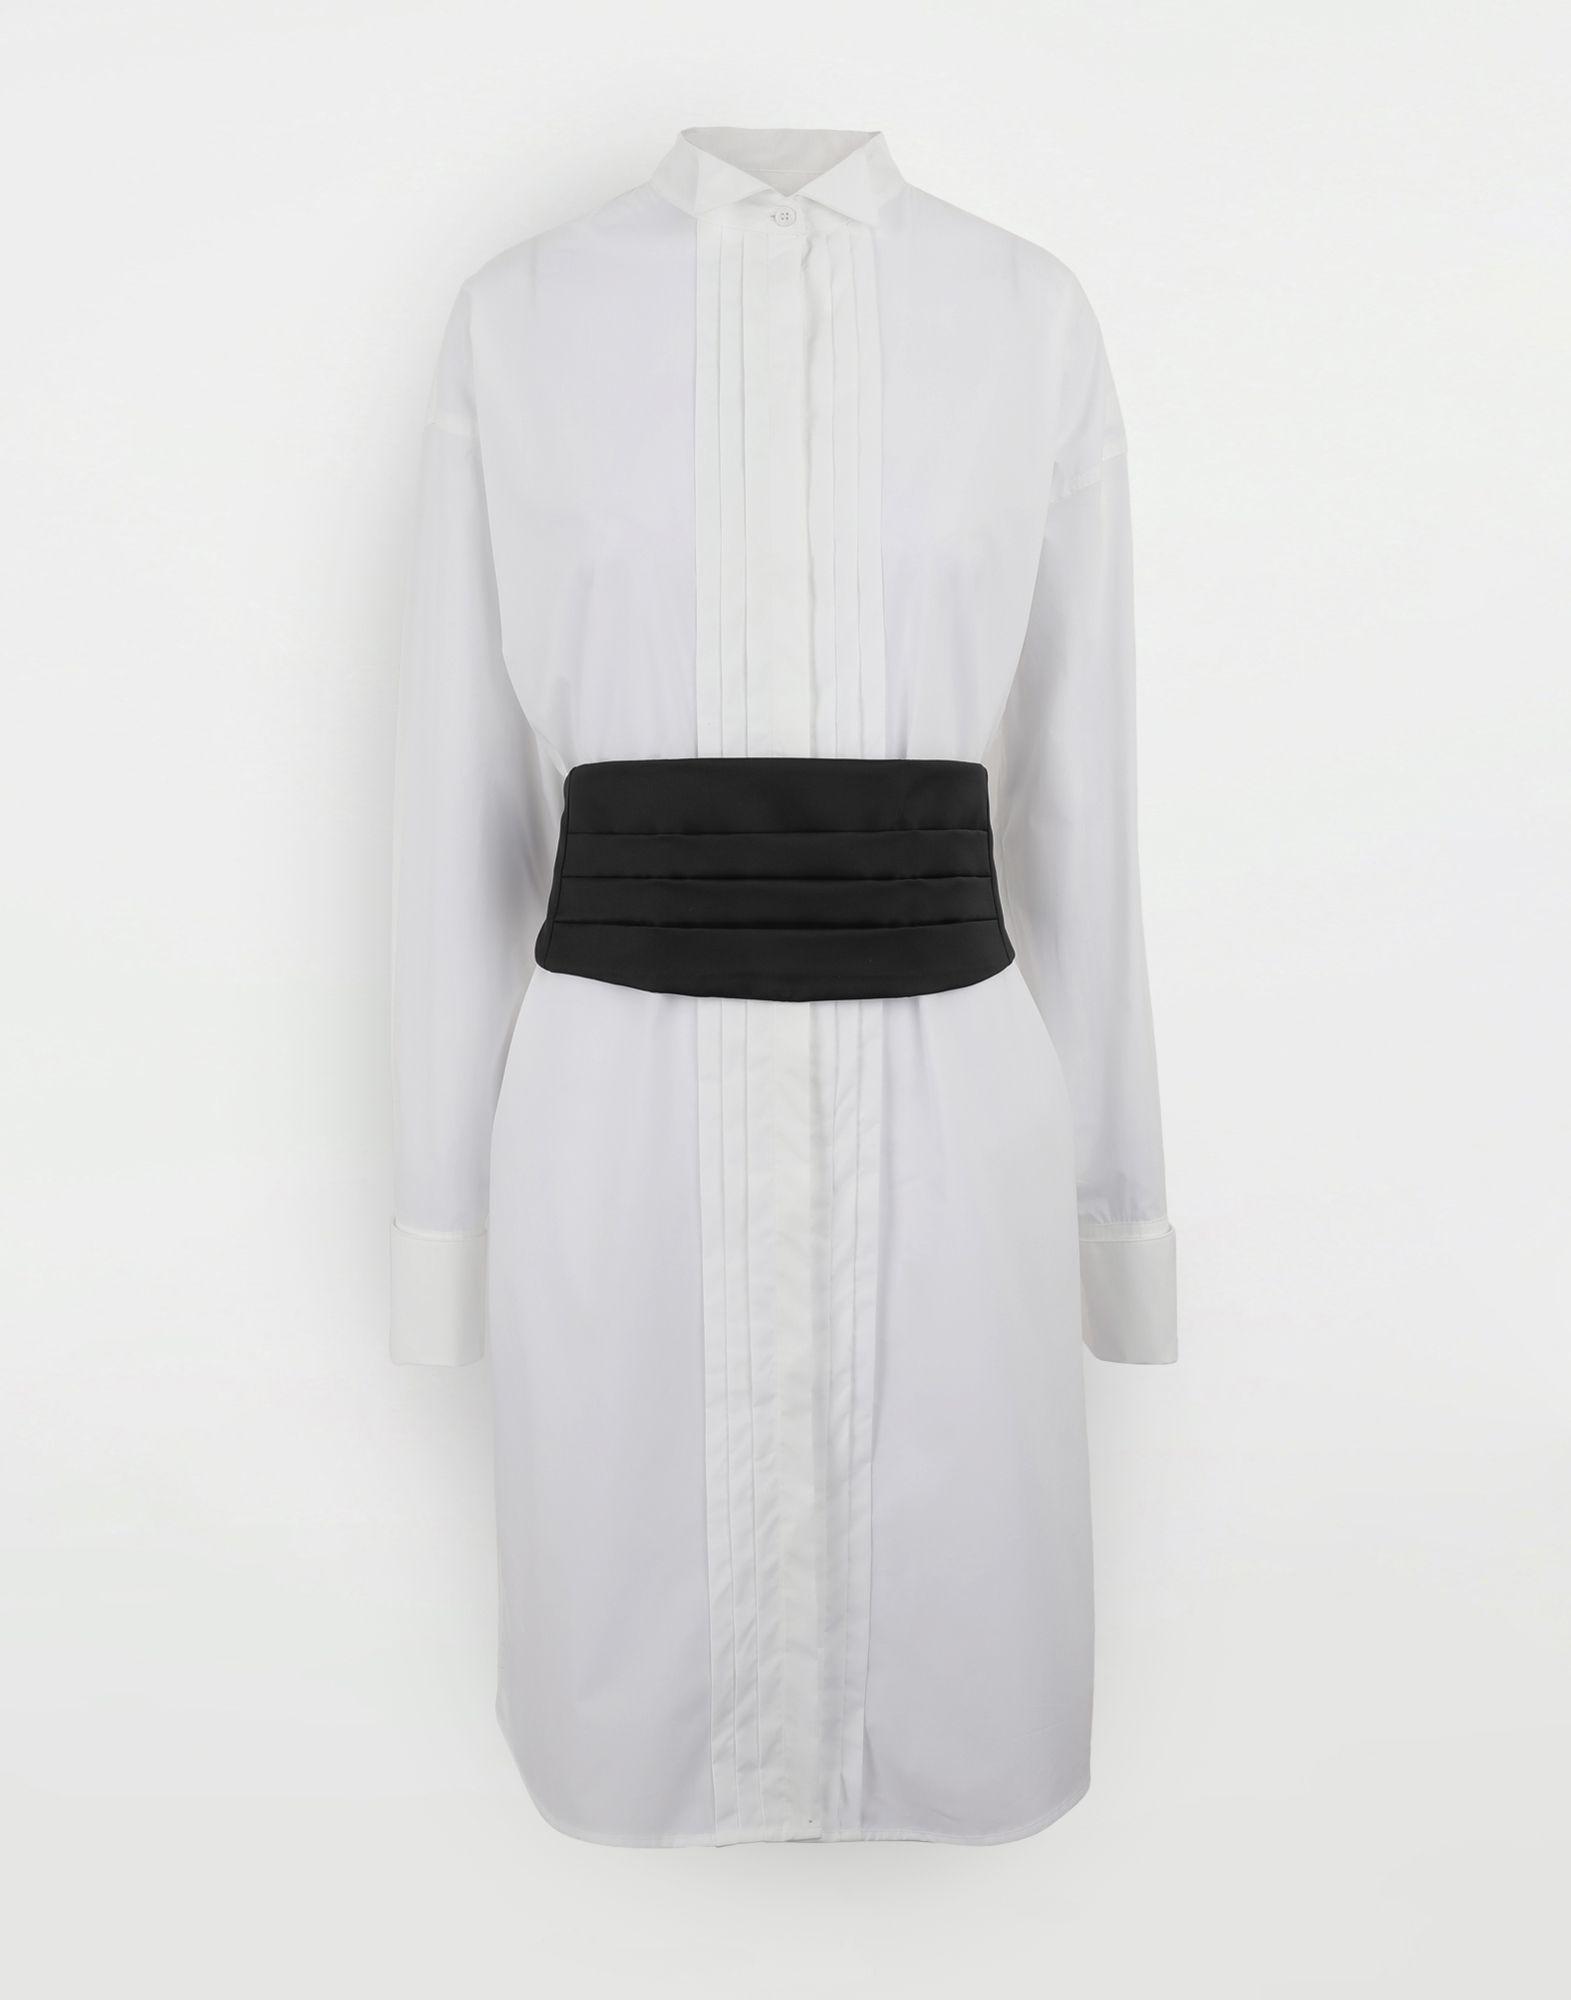 MM6 MAISON MARGIELA Shirt-dress with belt Short dress Woman f